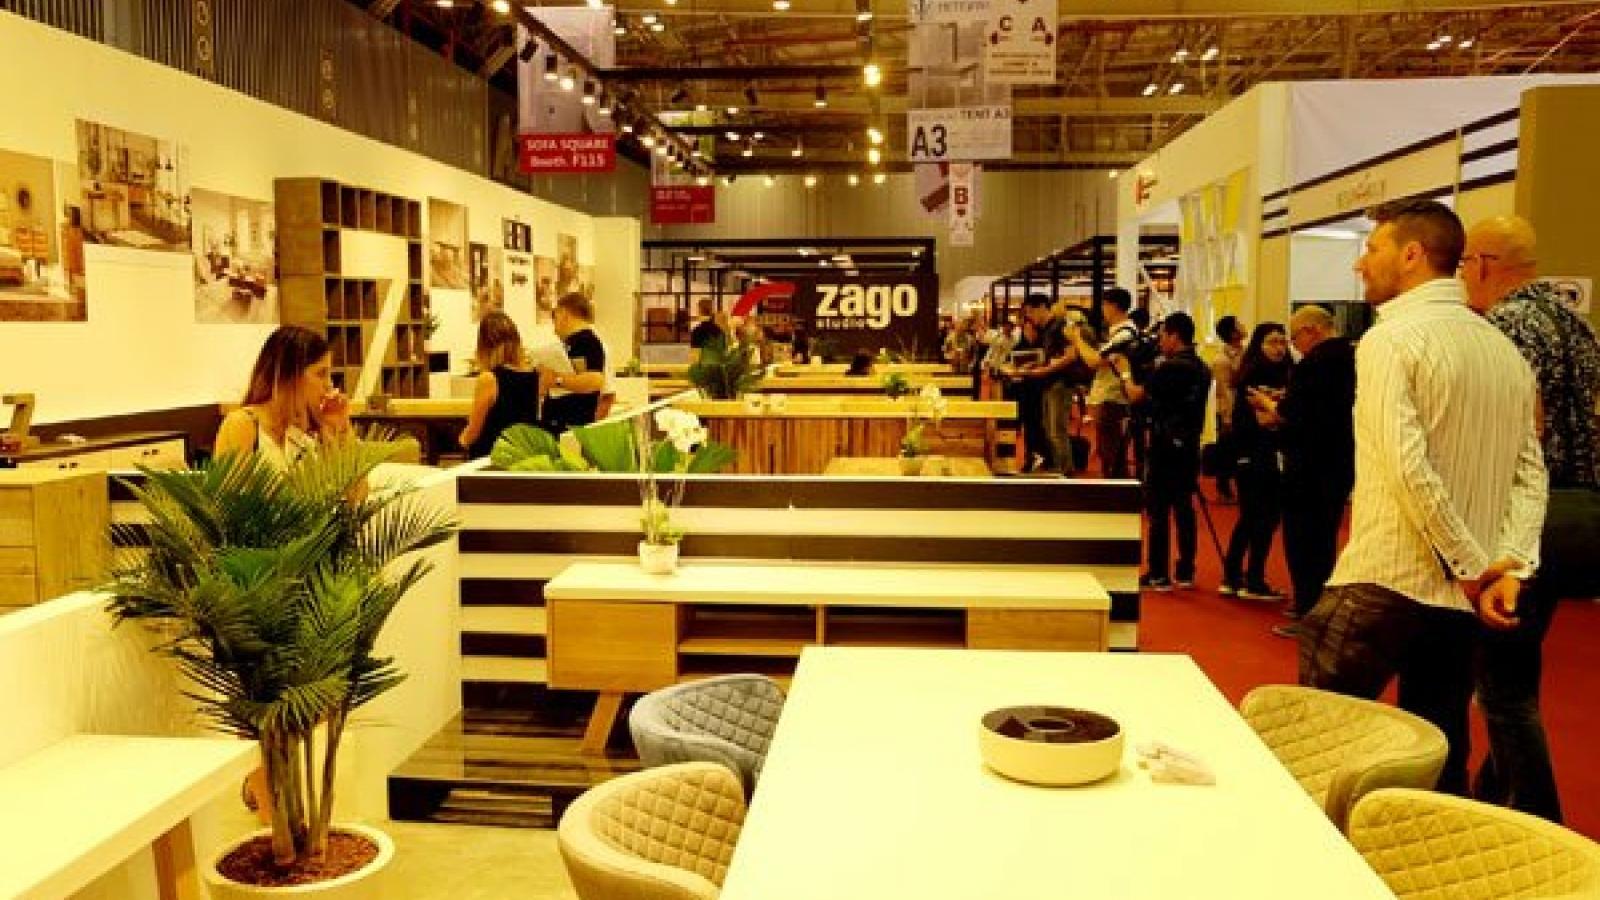 Wood processors: Export prospect bright